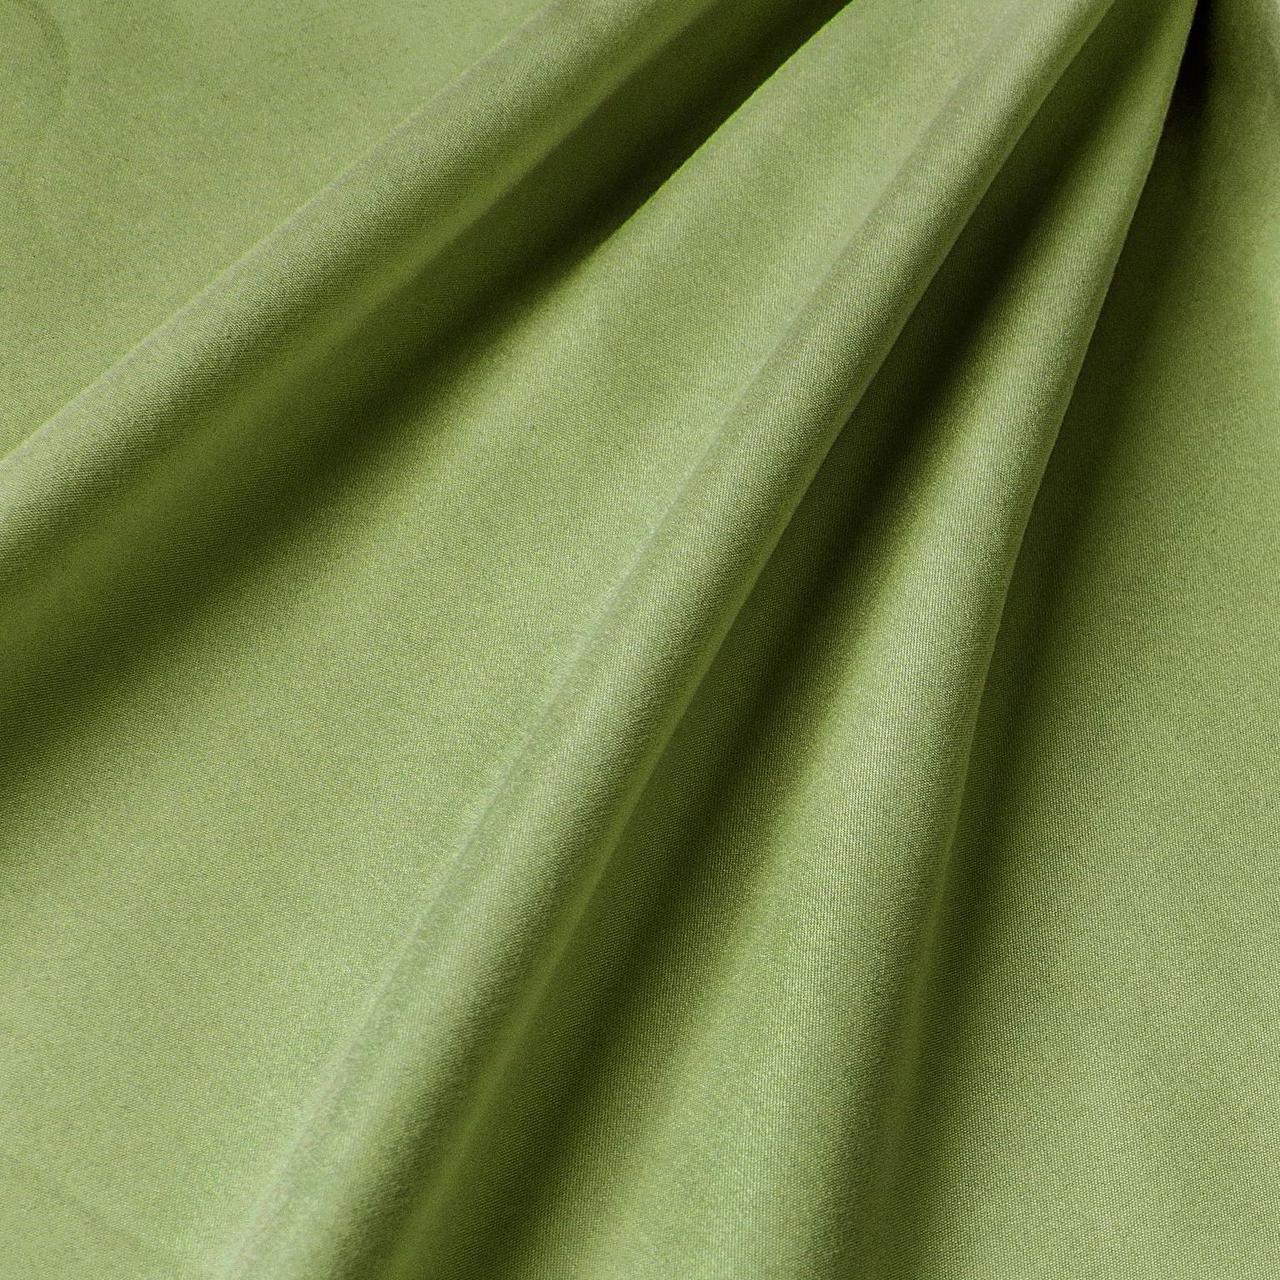 Подкладочная ткань с матовой фактурой (Испания) 400317v21